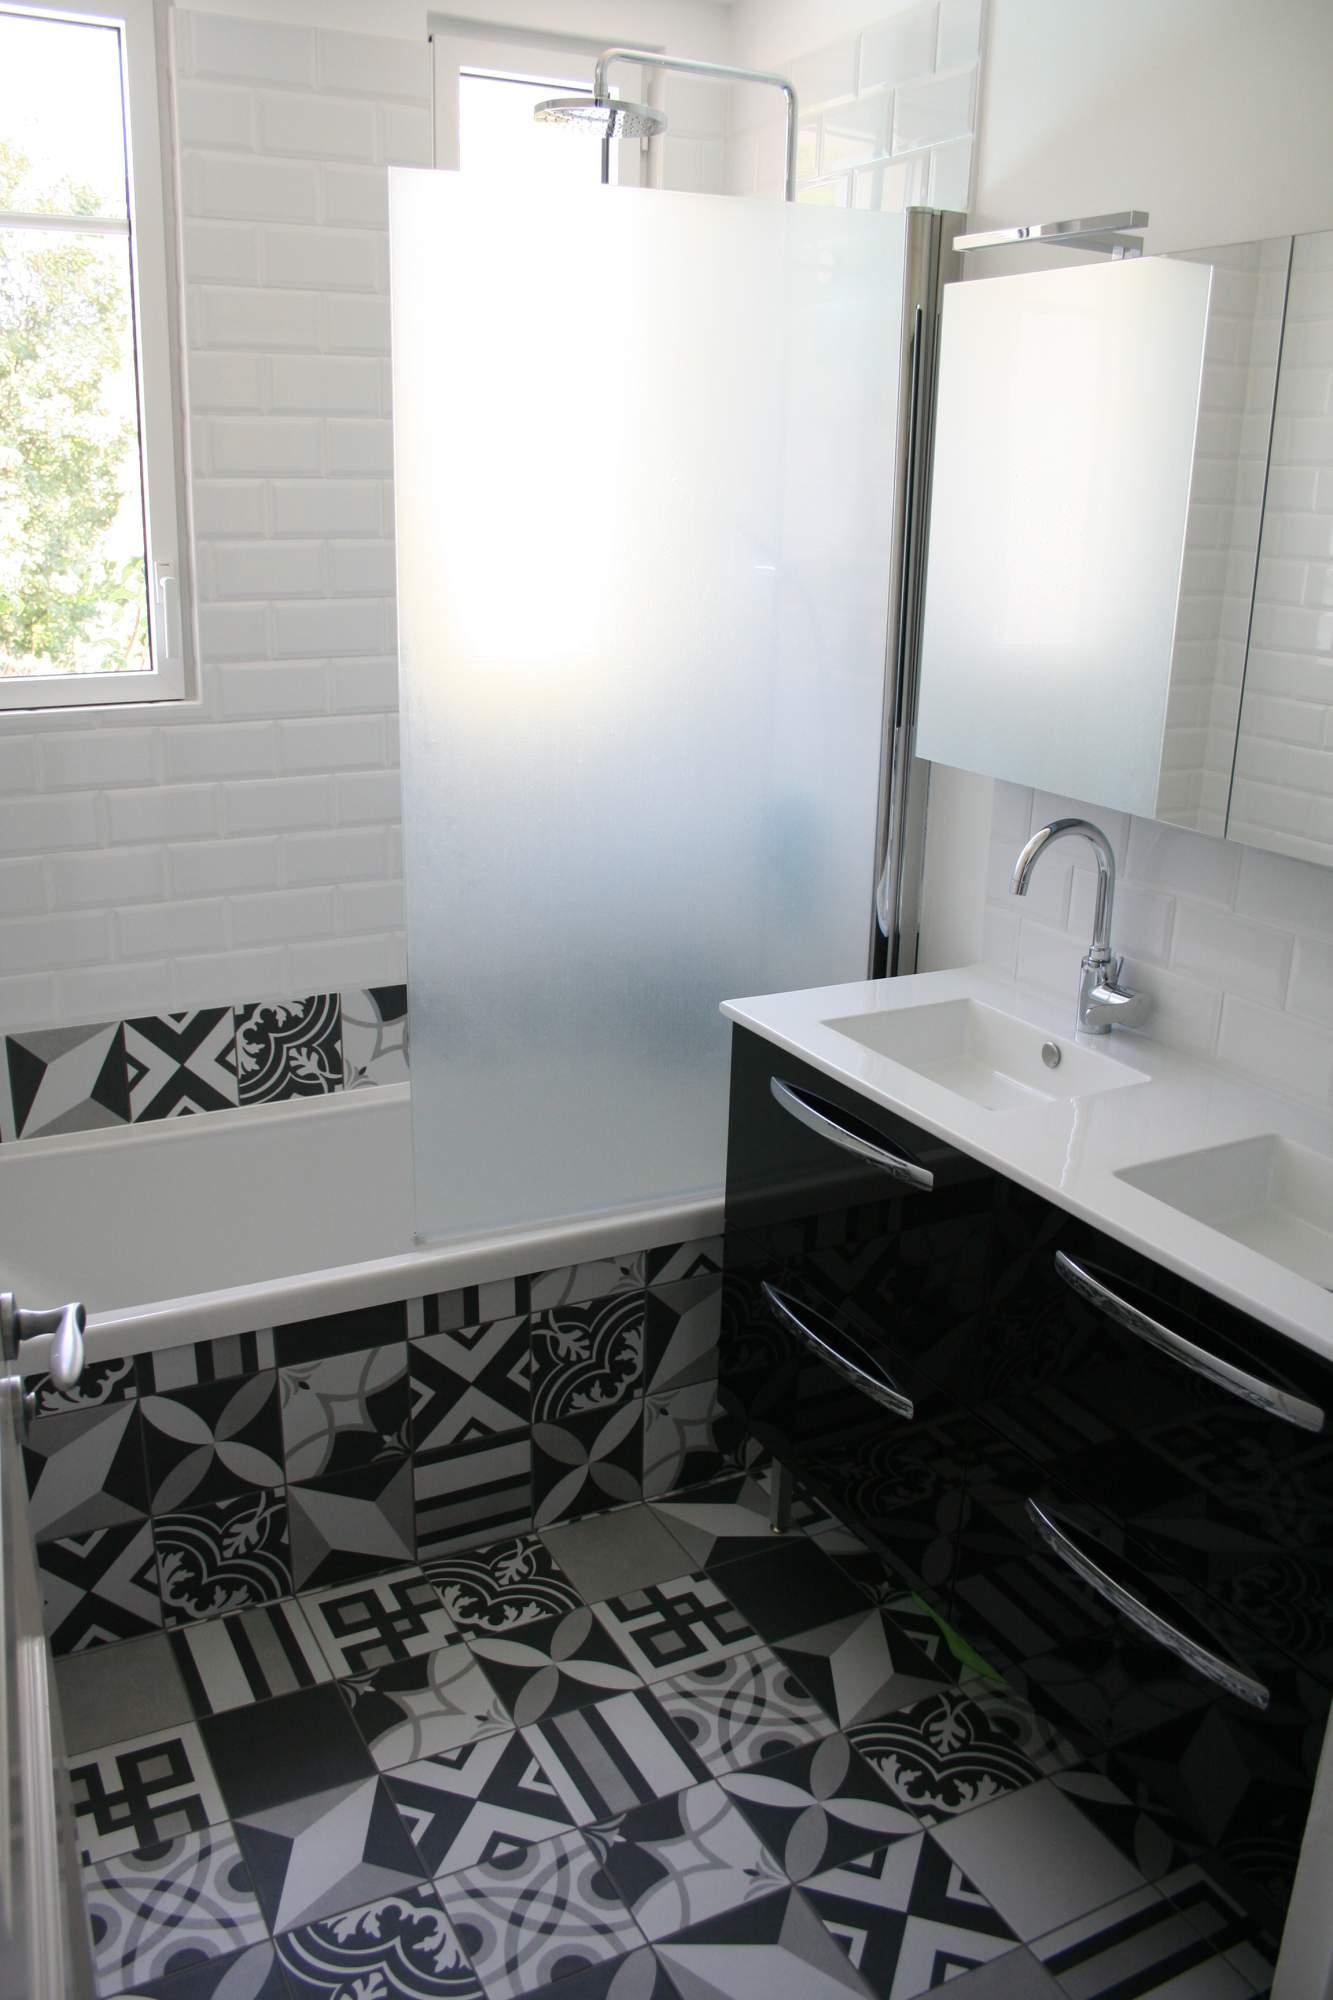 Rénovation de salle de bain avec carreaux ciment Lyon